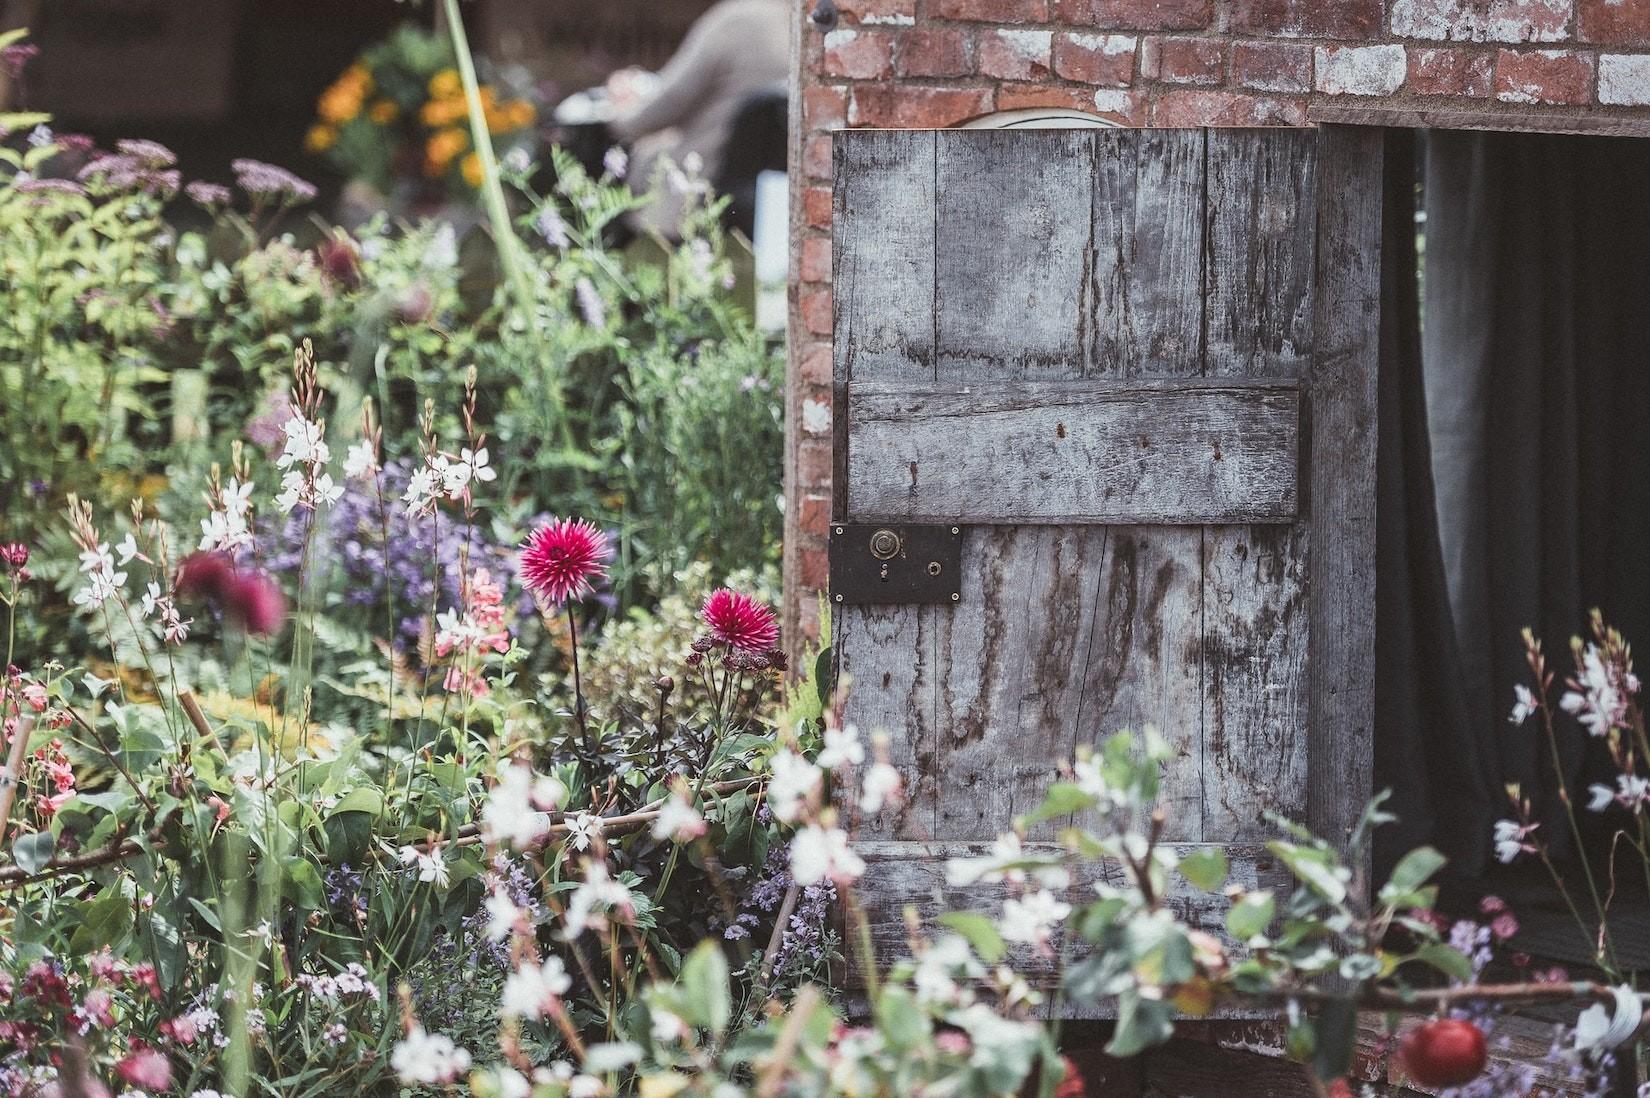 Unkraut & co:  Muss ich den ungepflegten Garten meines Nachbarn ertragen?